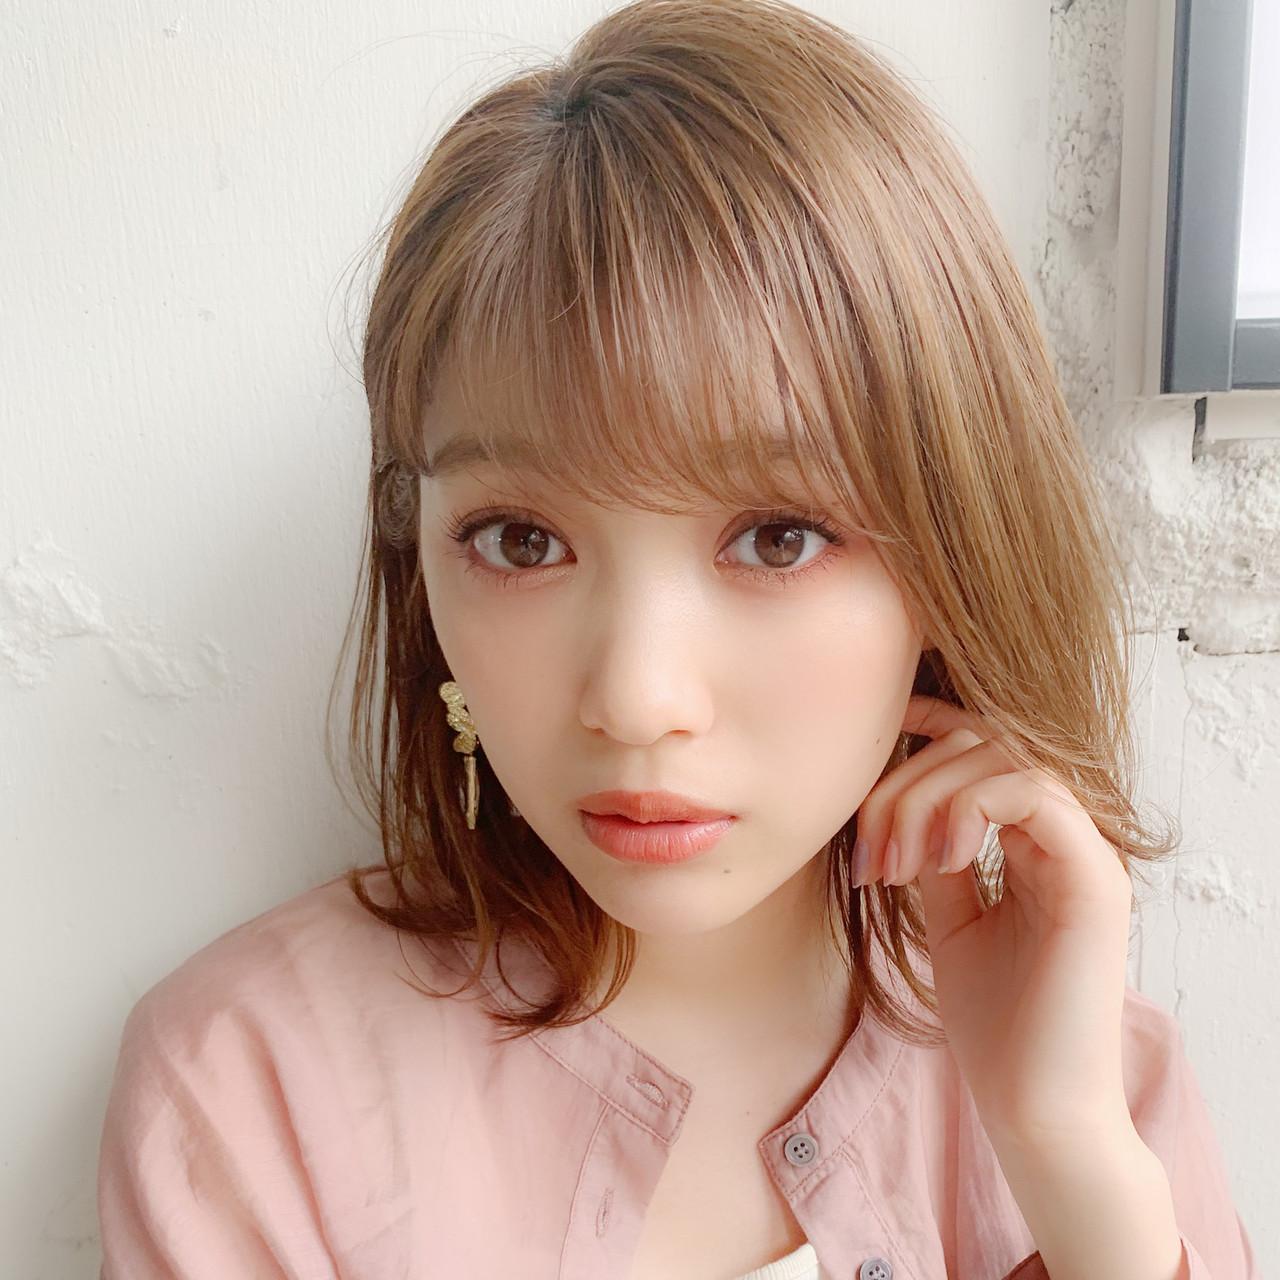 ミディアム パーティ 大人かわいい アウトドア ヘアスタイルや髪型の写真・画像 | Natsuko Kodama 児玉奈都子 / dydi